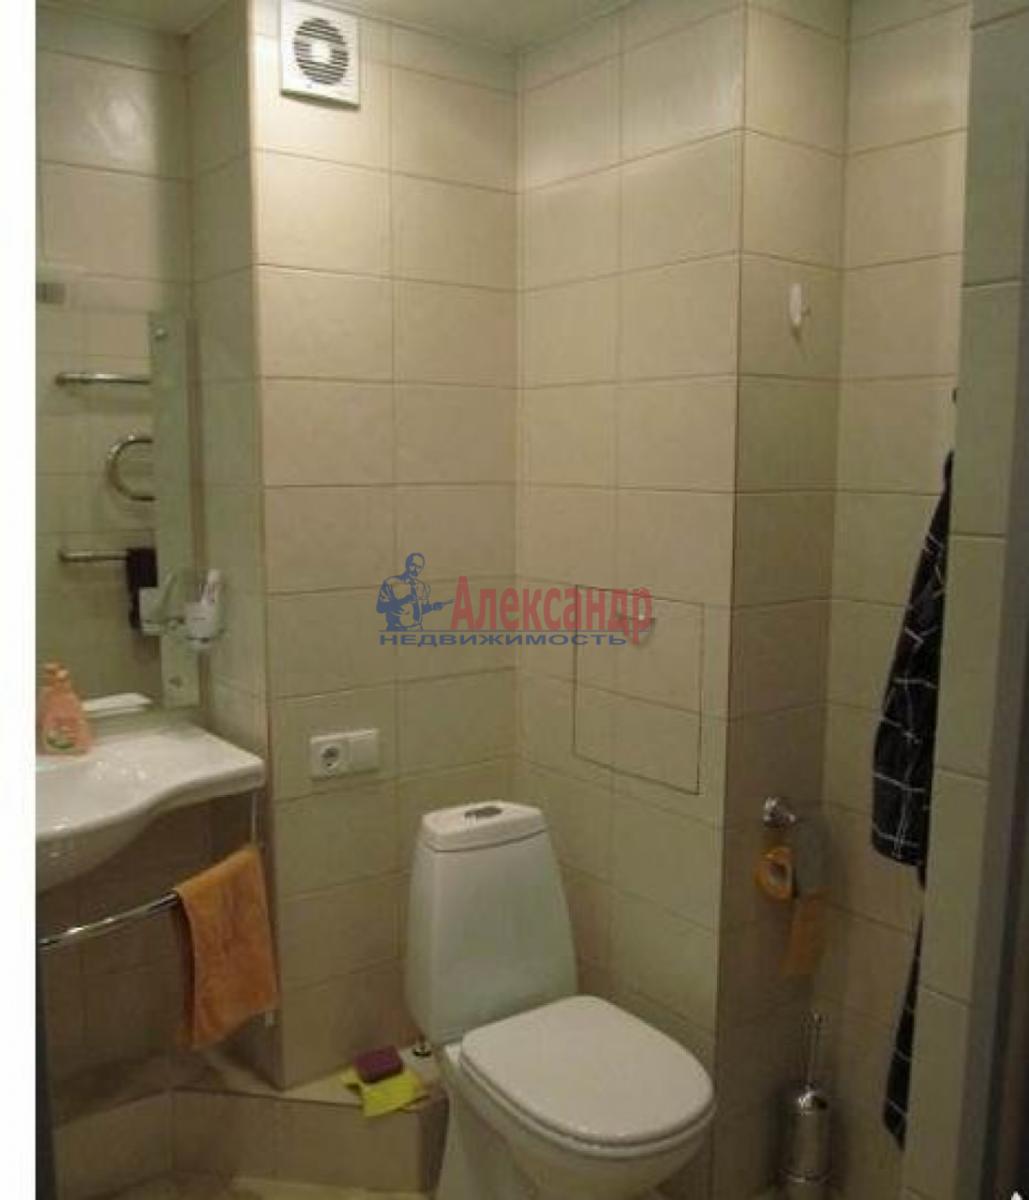 2-комнатная квартира (65м2) в аренду по адресу Савушкина ул., 139— фото 7 из 7